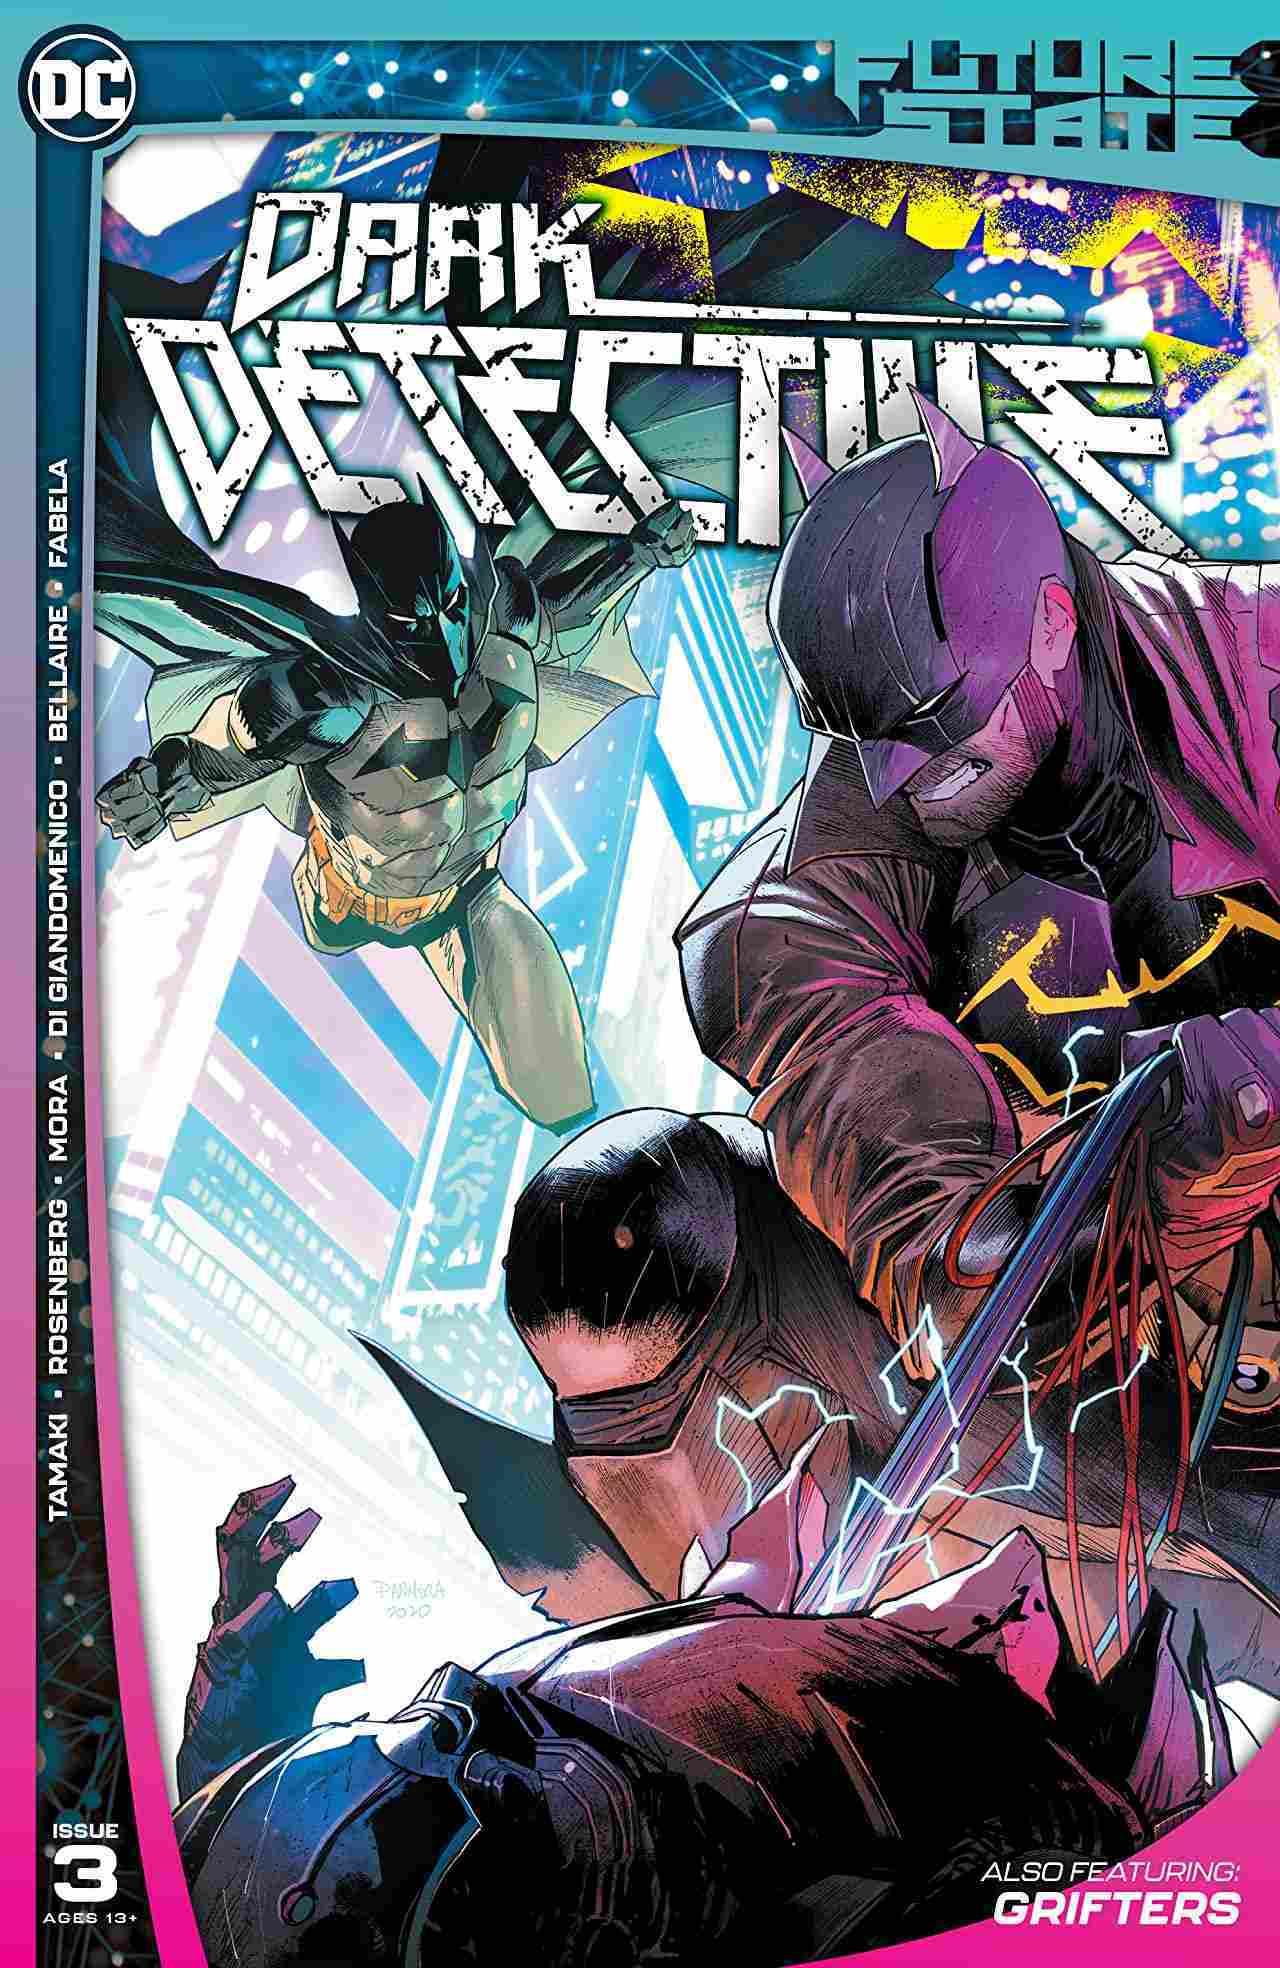 Future State Dark Detective #3